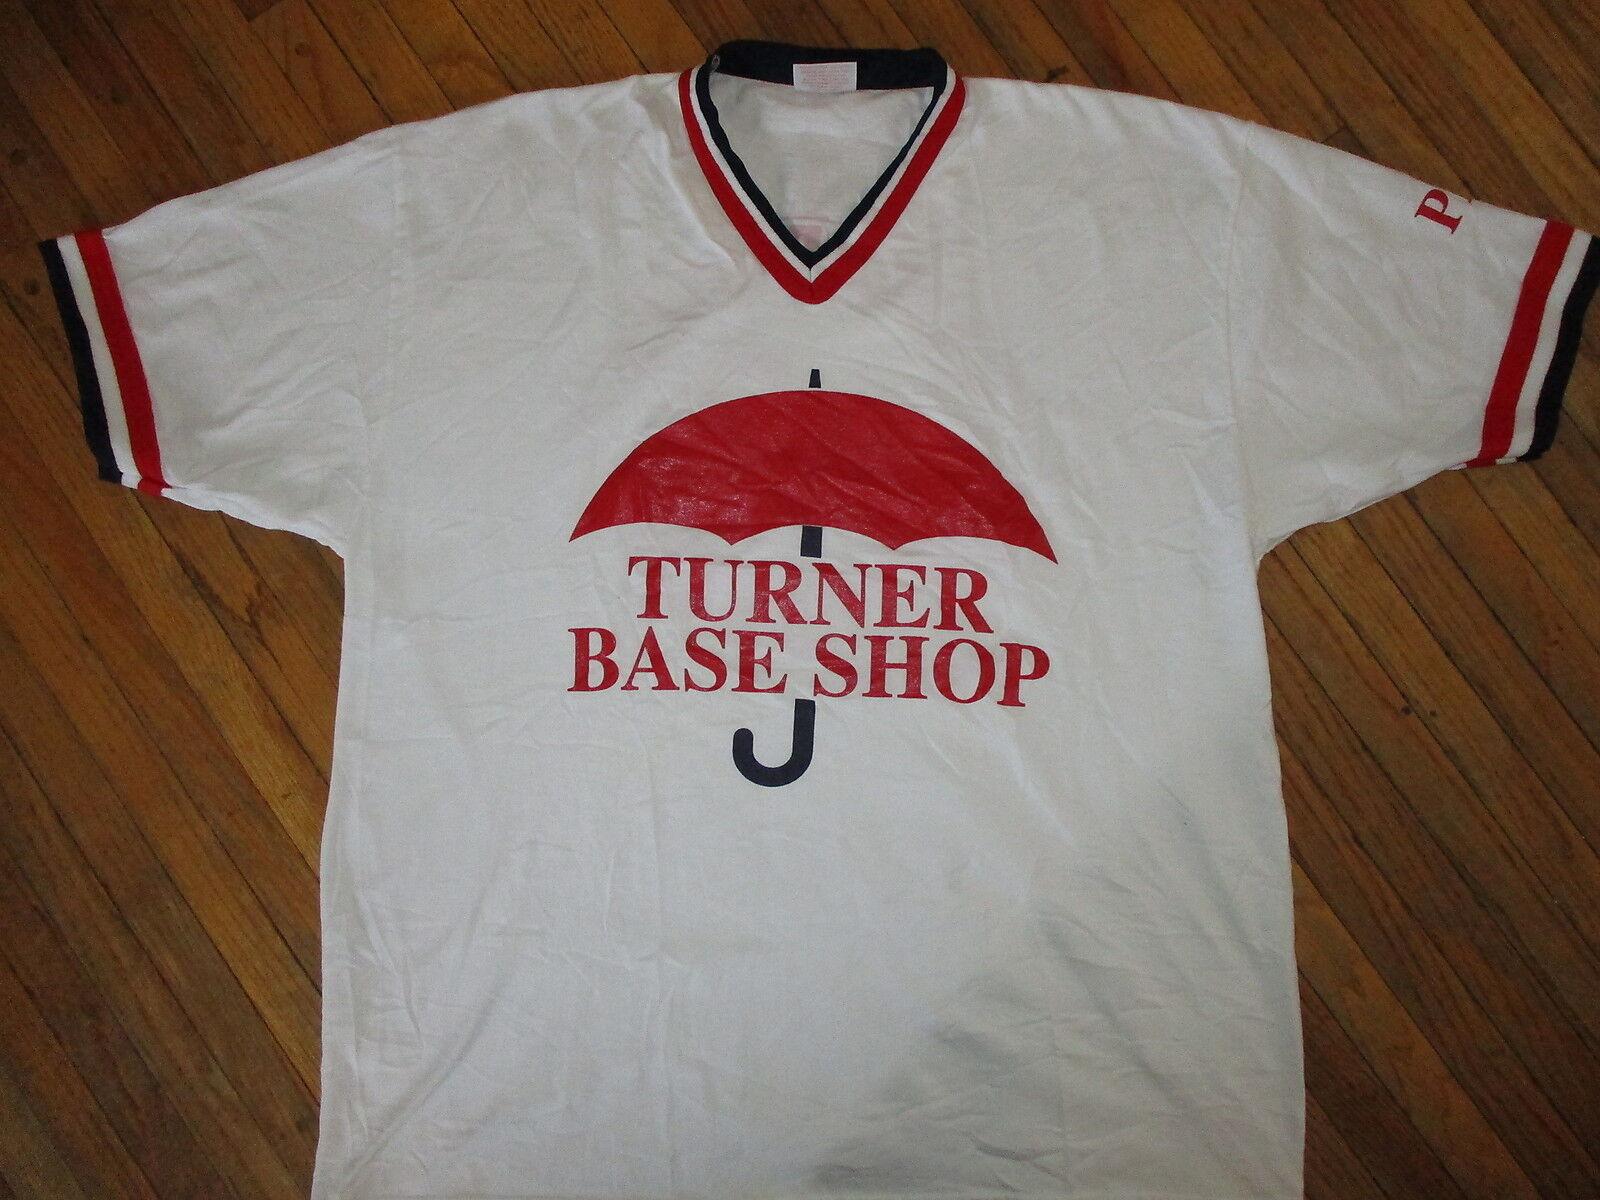 vtg 70s 80s TURNER BASE SHOP RINGER JERSEY T SHIR… - image 1